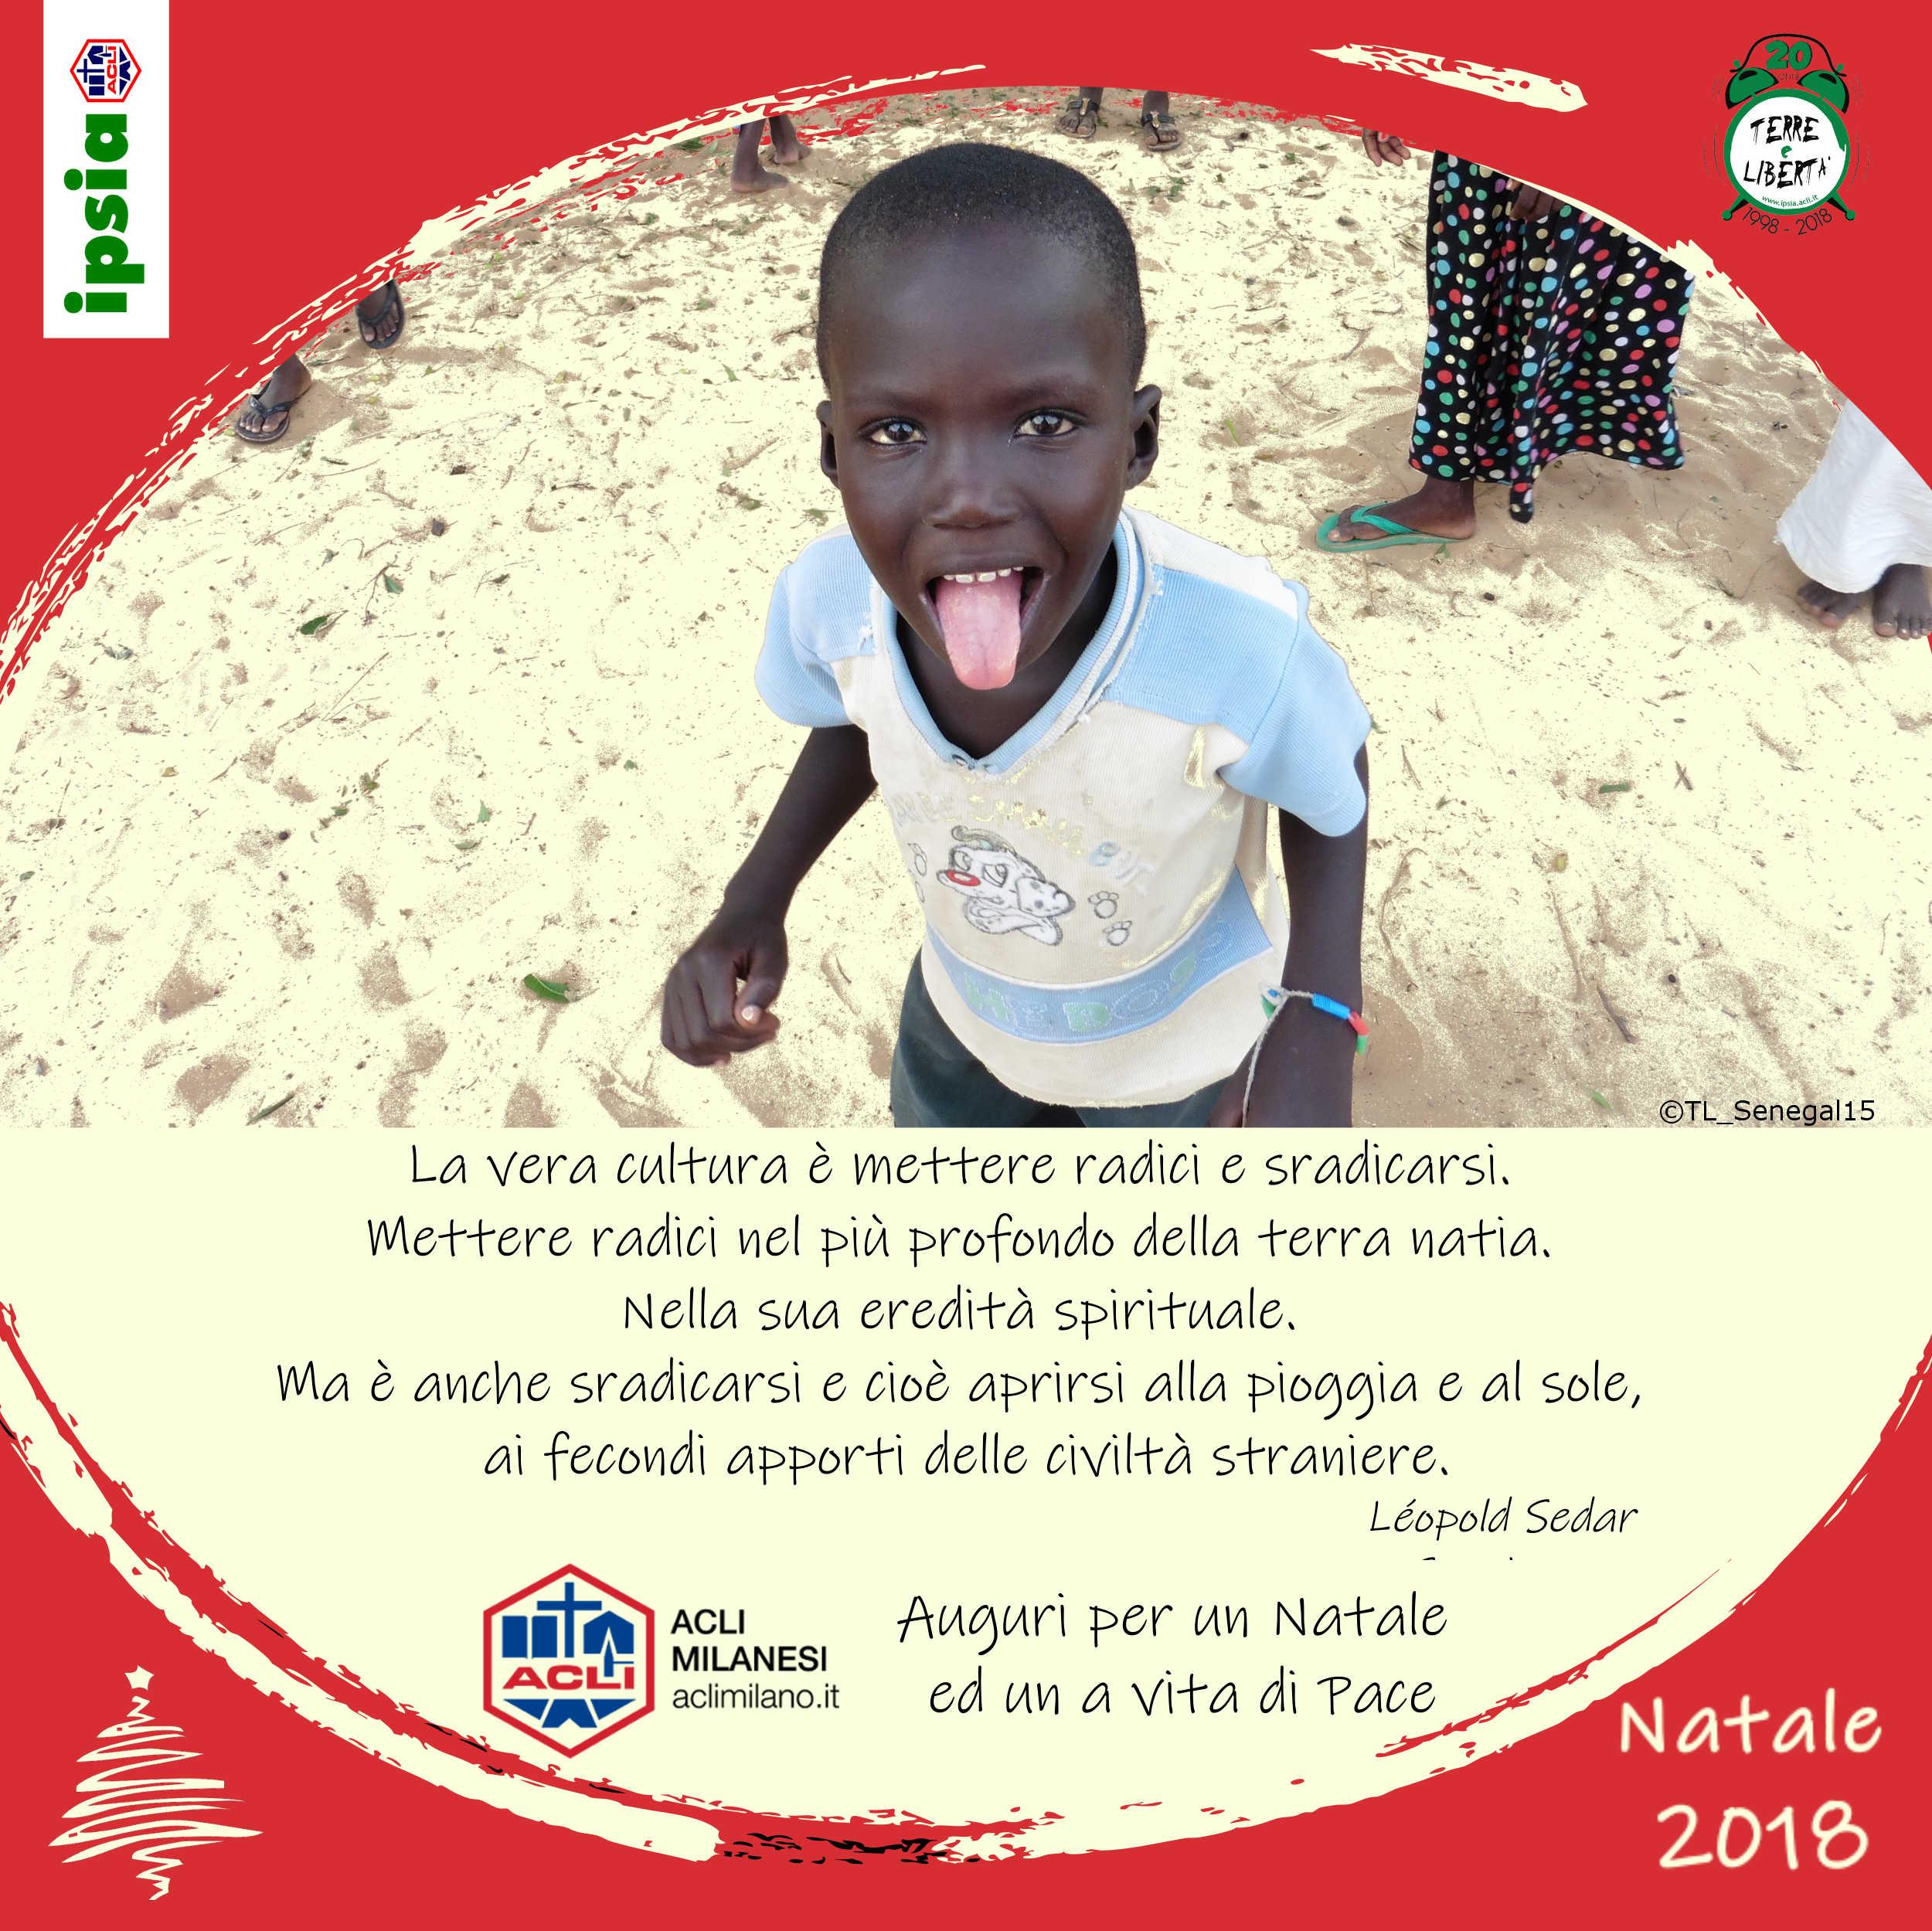 Auguri Spirituali Di Natale.I Nostri Migliori Auguri Di Buon Natale E Felice Anno Nuovo Acli Milano